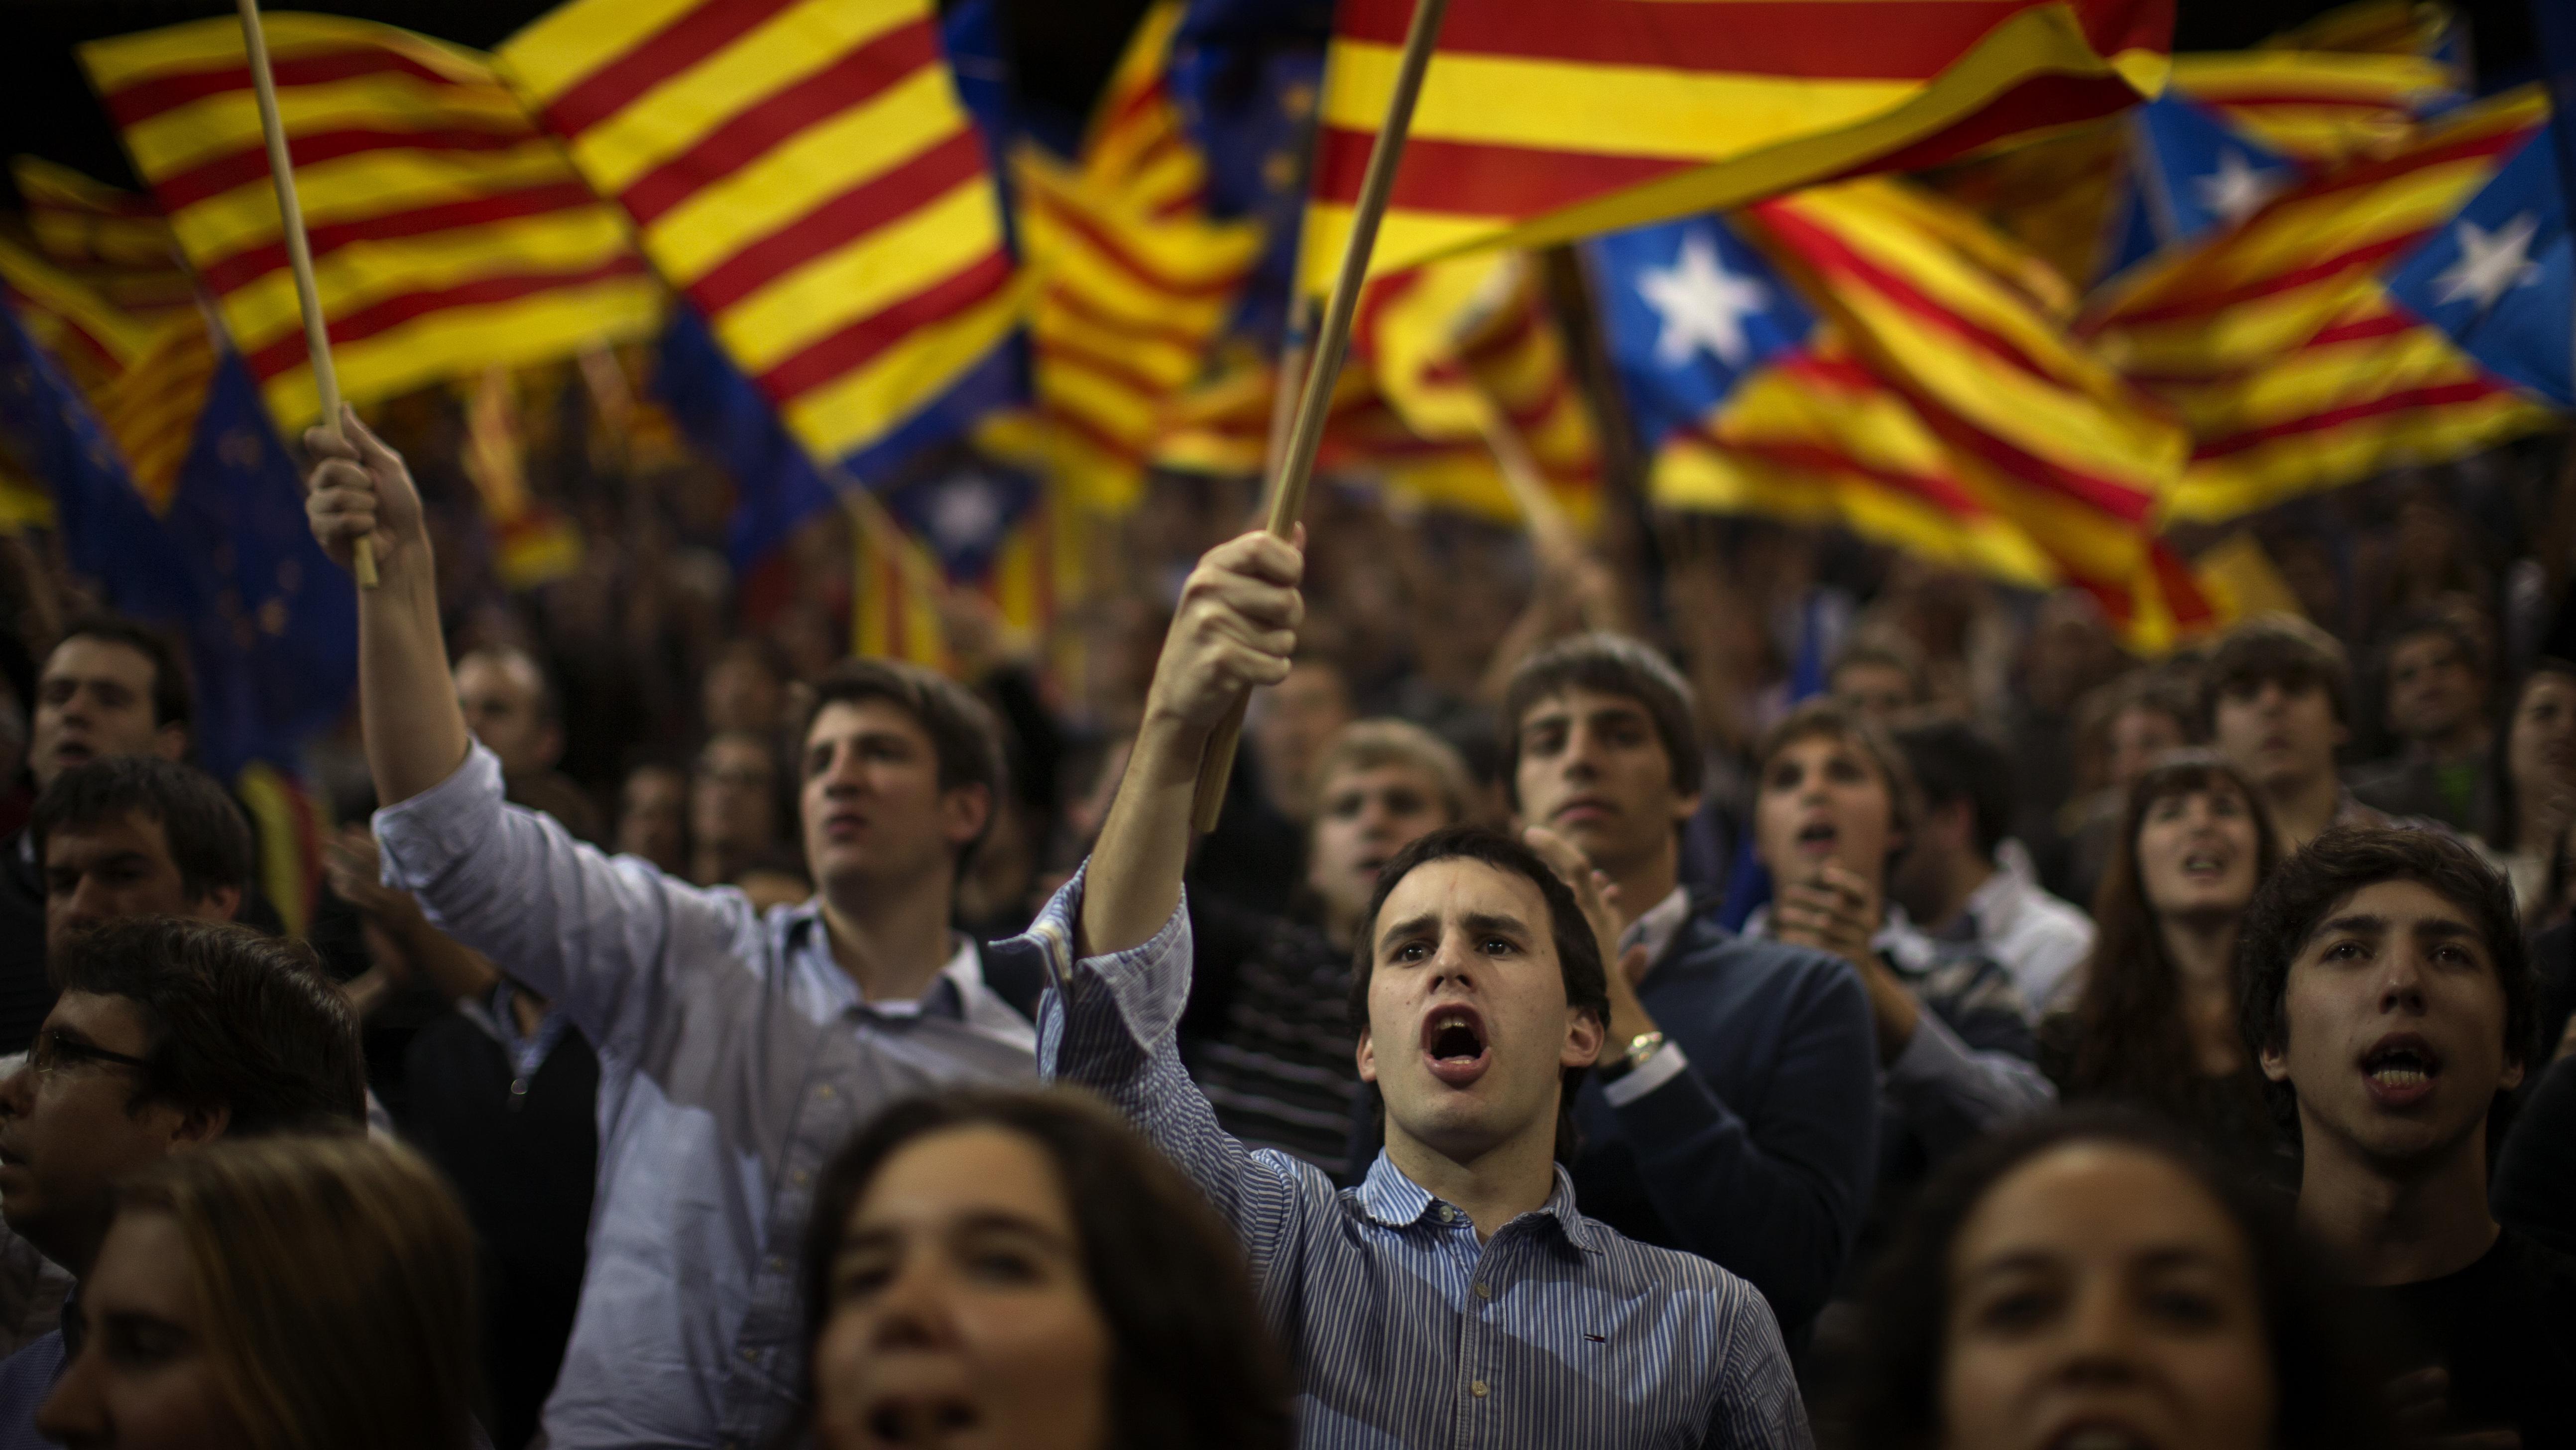 Перед избирательными участками в Барселоне выстроились очереди